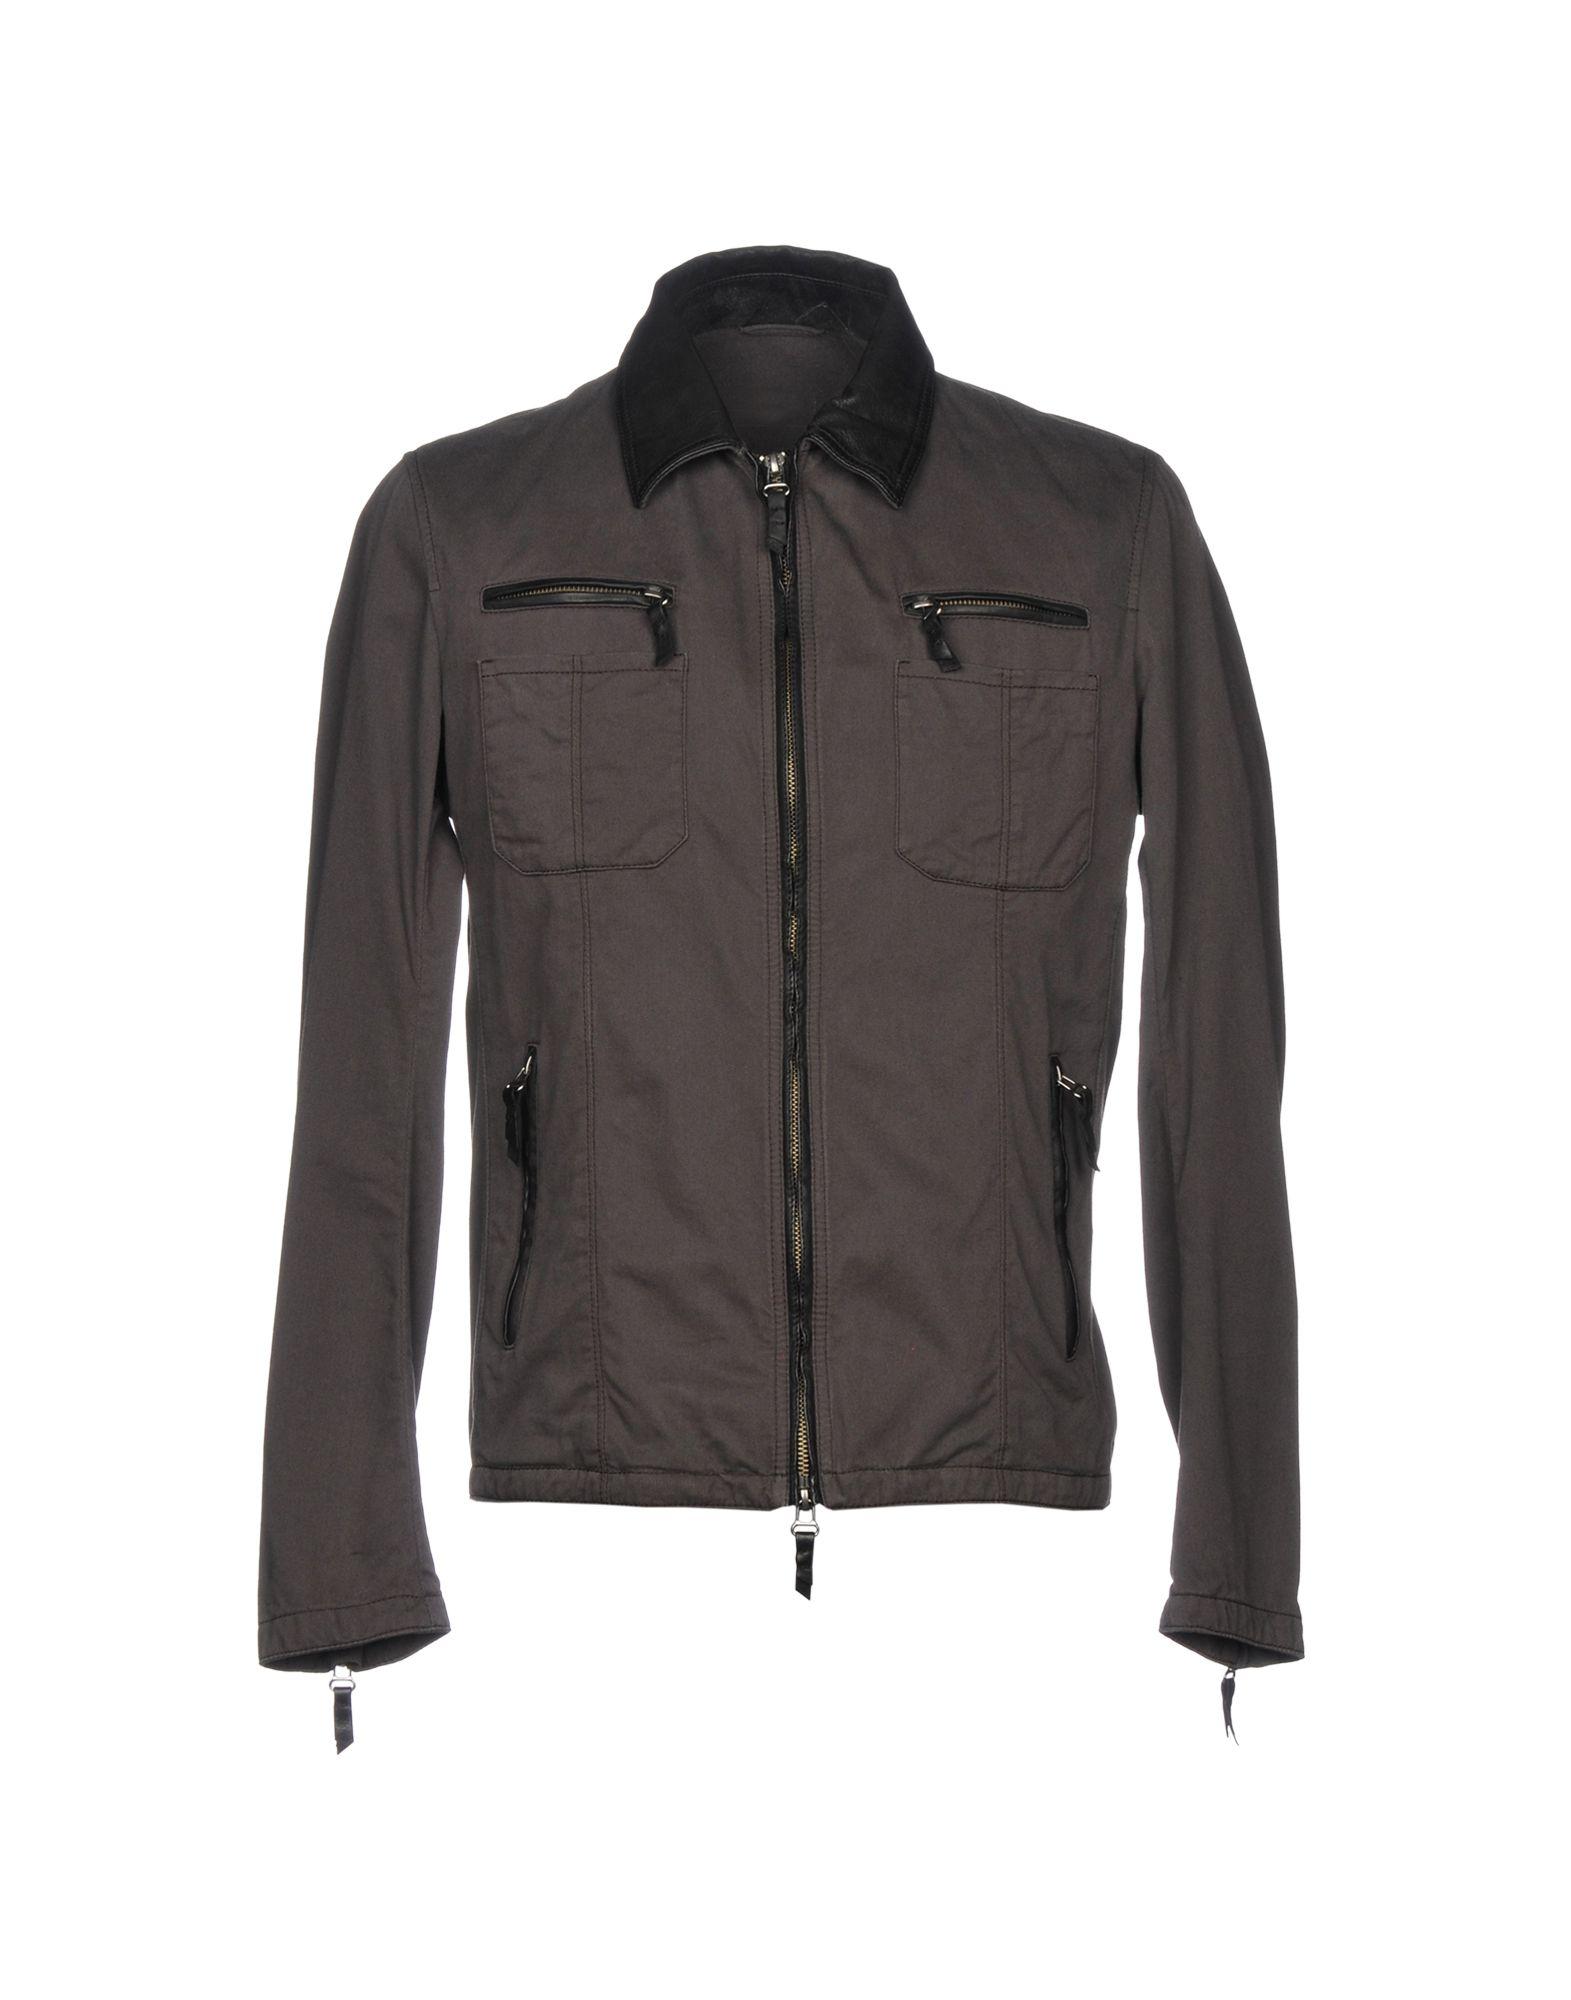 GMS-75 Jacket in Steel Grey